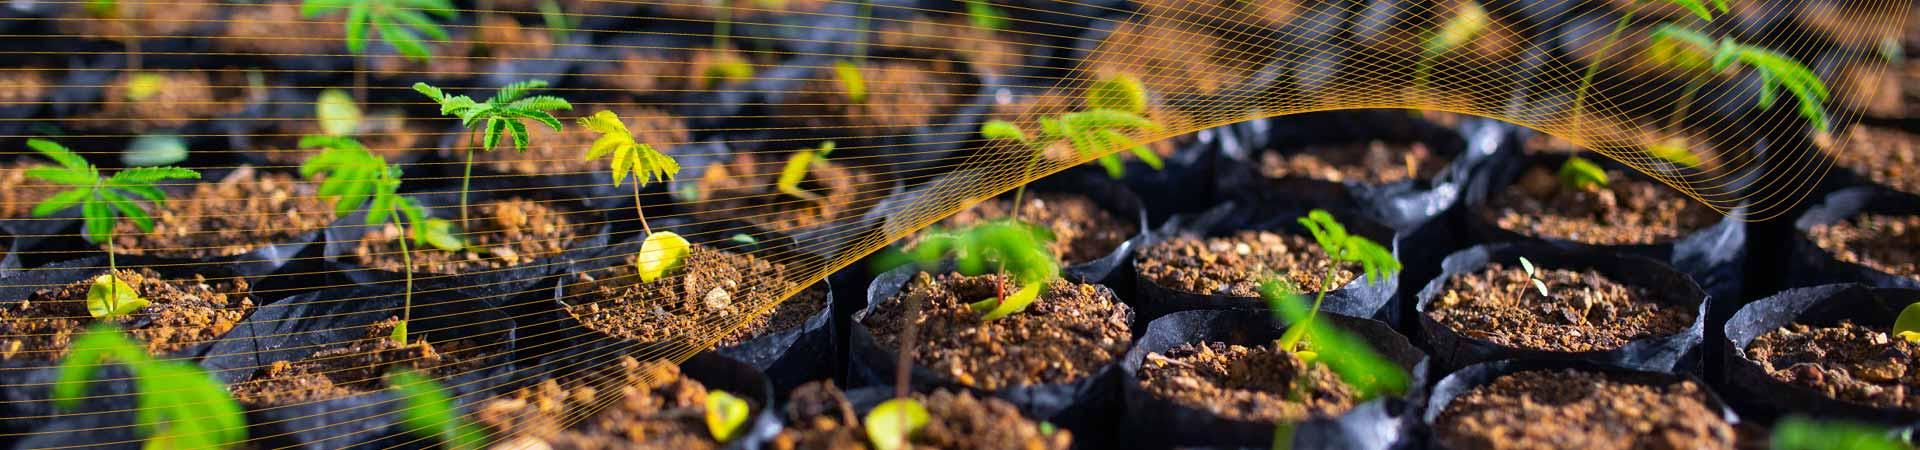 uma plantação que demonstra o compromisso com a sustentabilidade